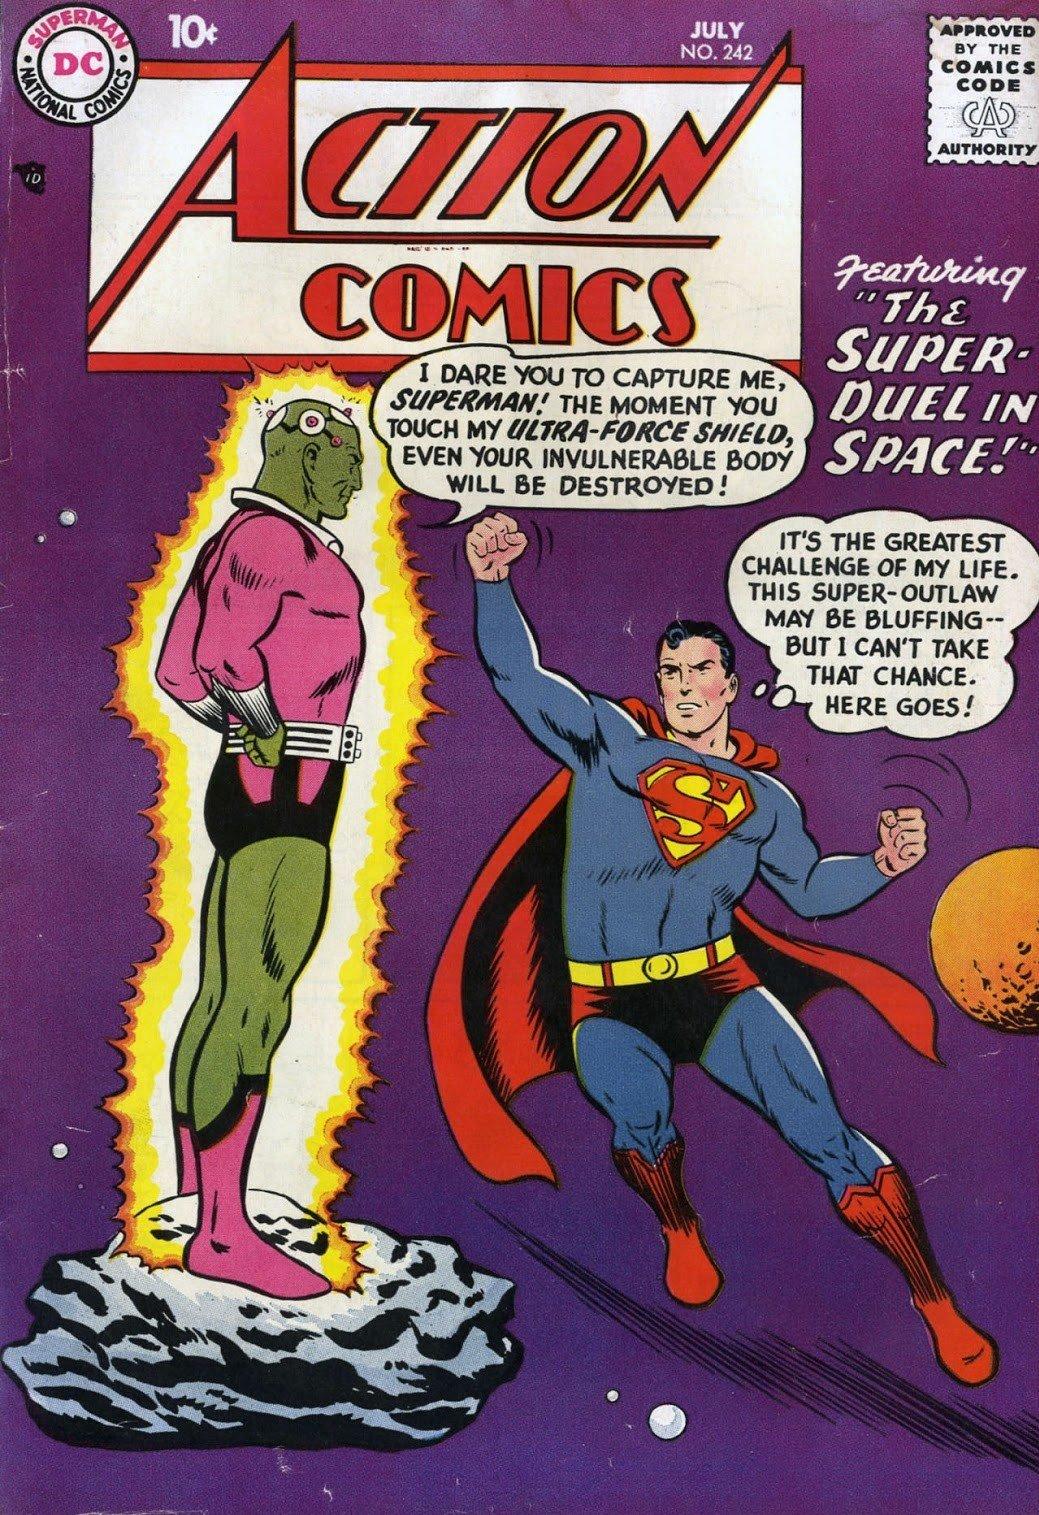 История Супермена иэволюция его образа вкомиксах   Канобу - Изображение 9400